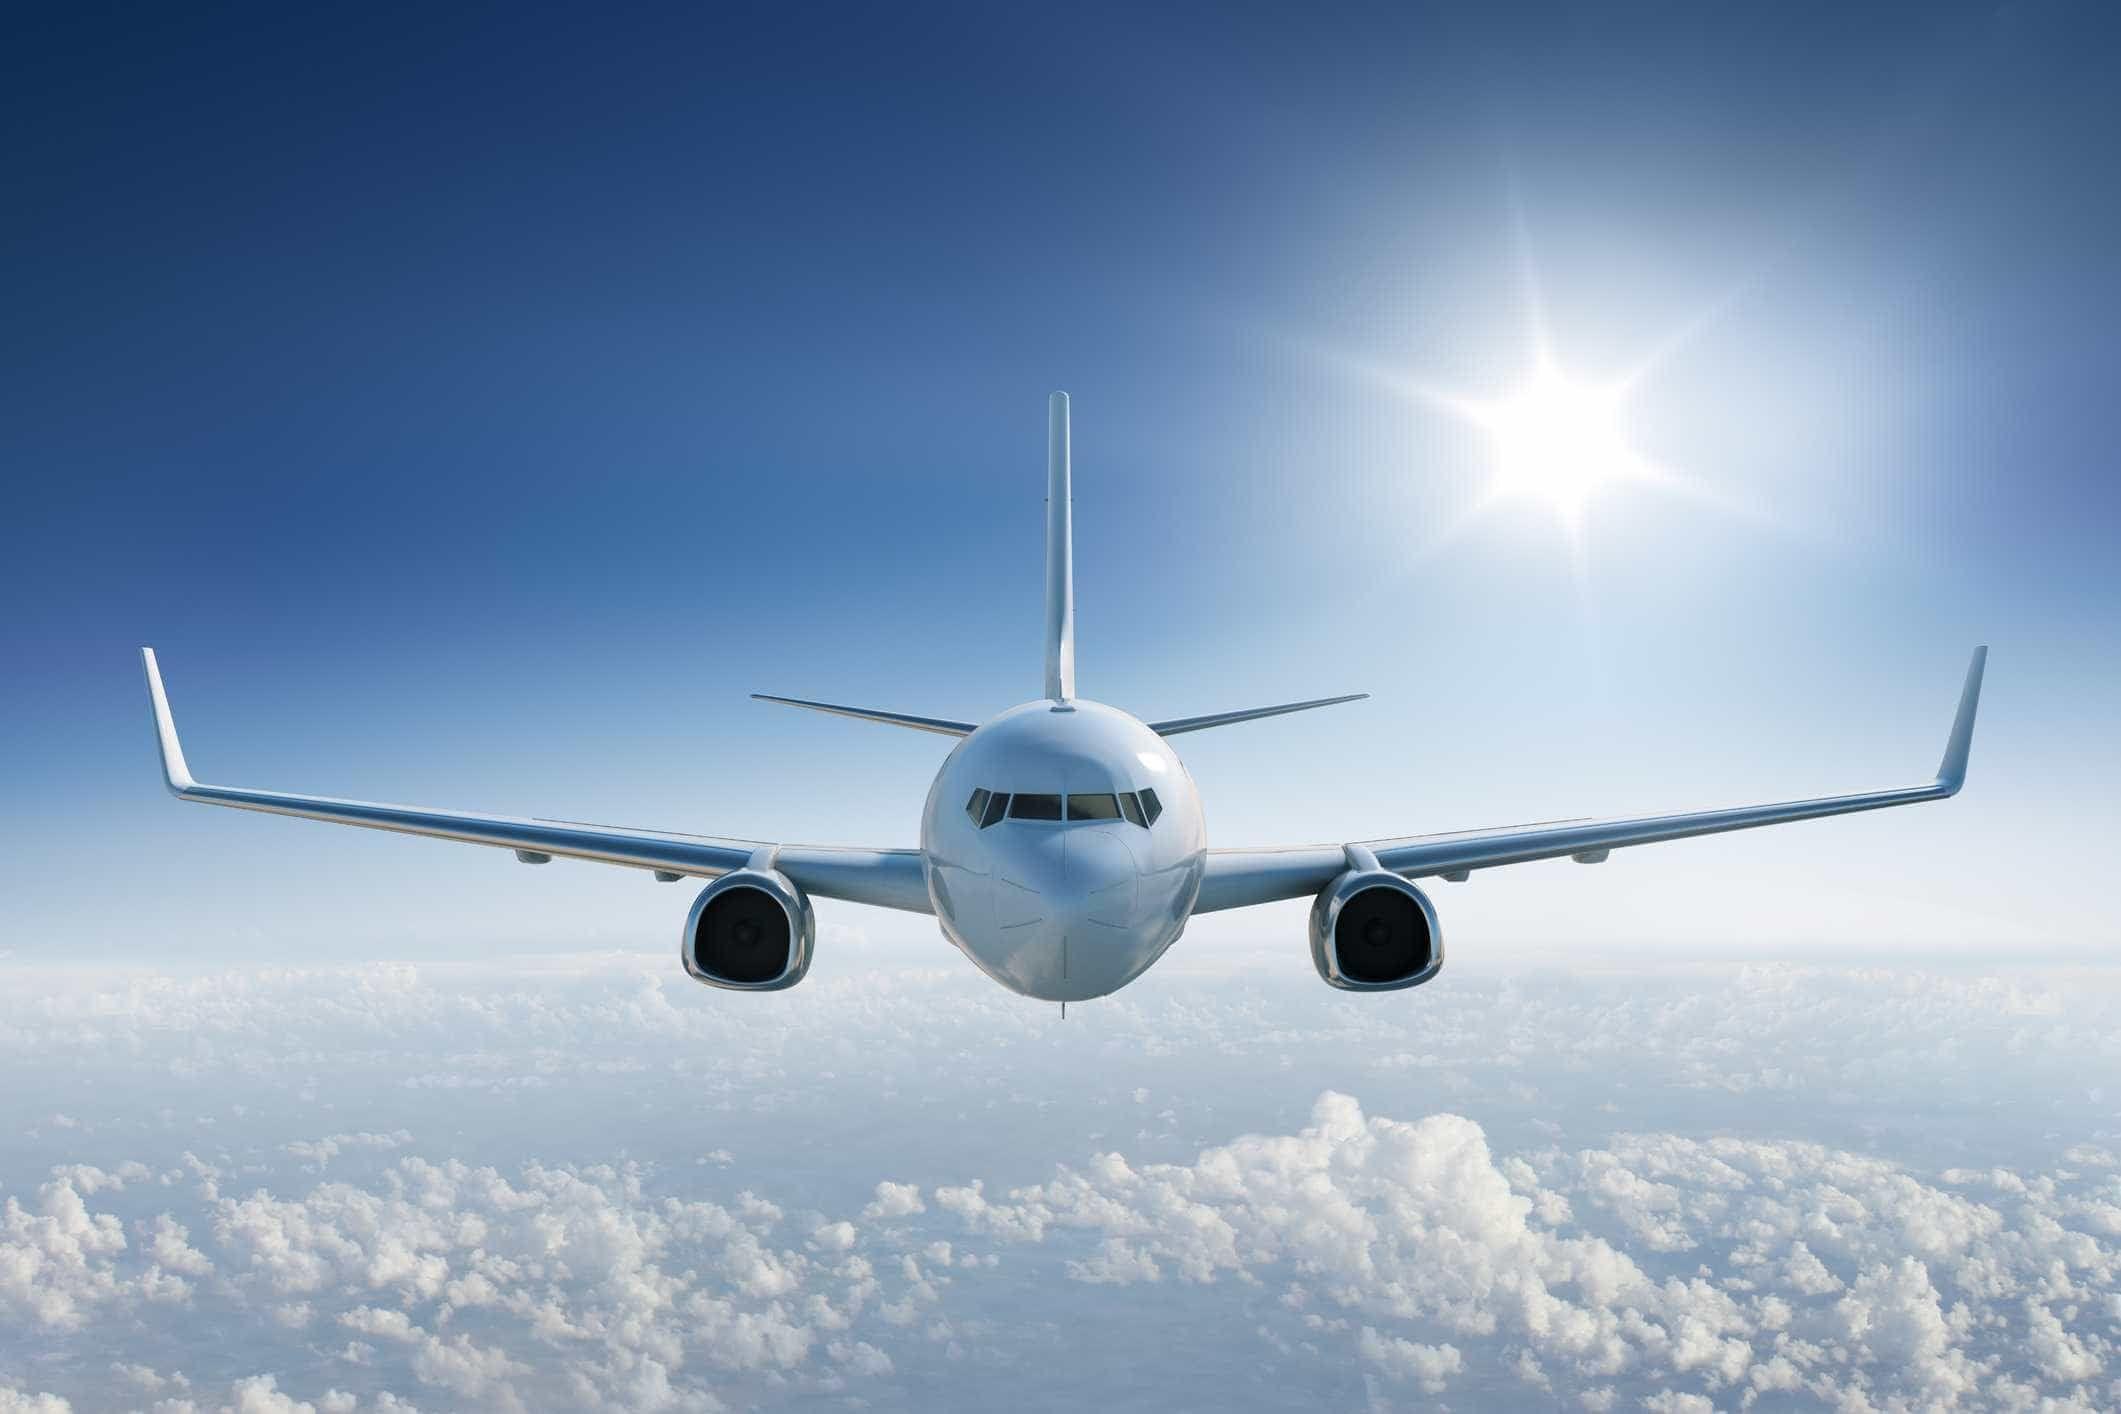 Voos entre Díli e Singapura terminam a 30 de março, anuncia Air Timor